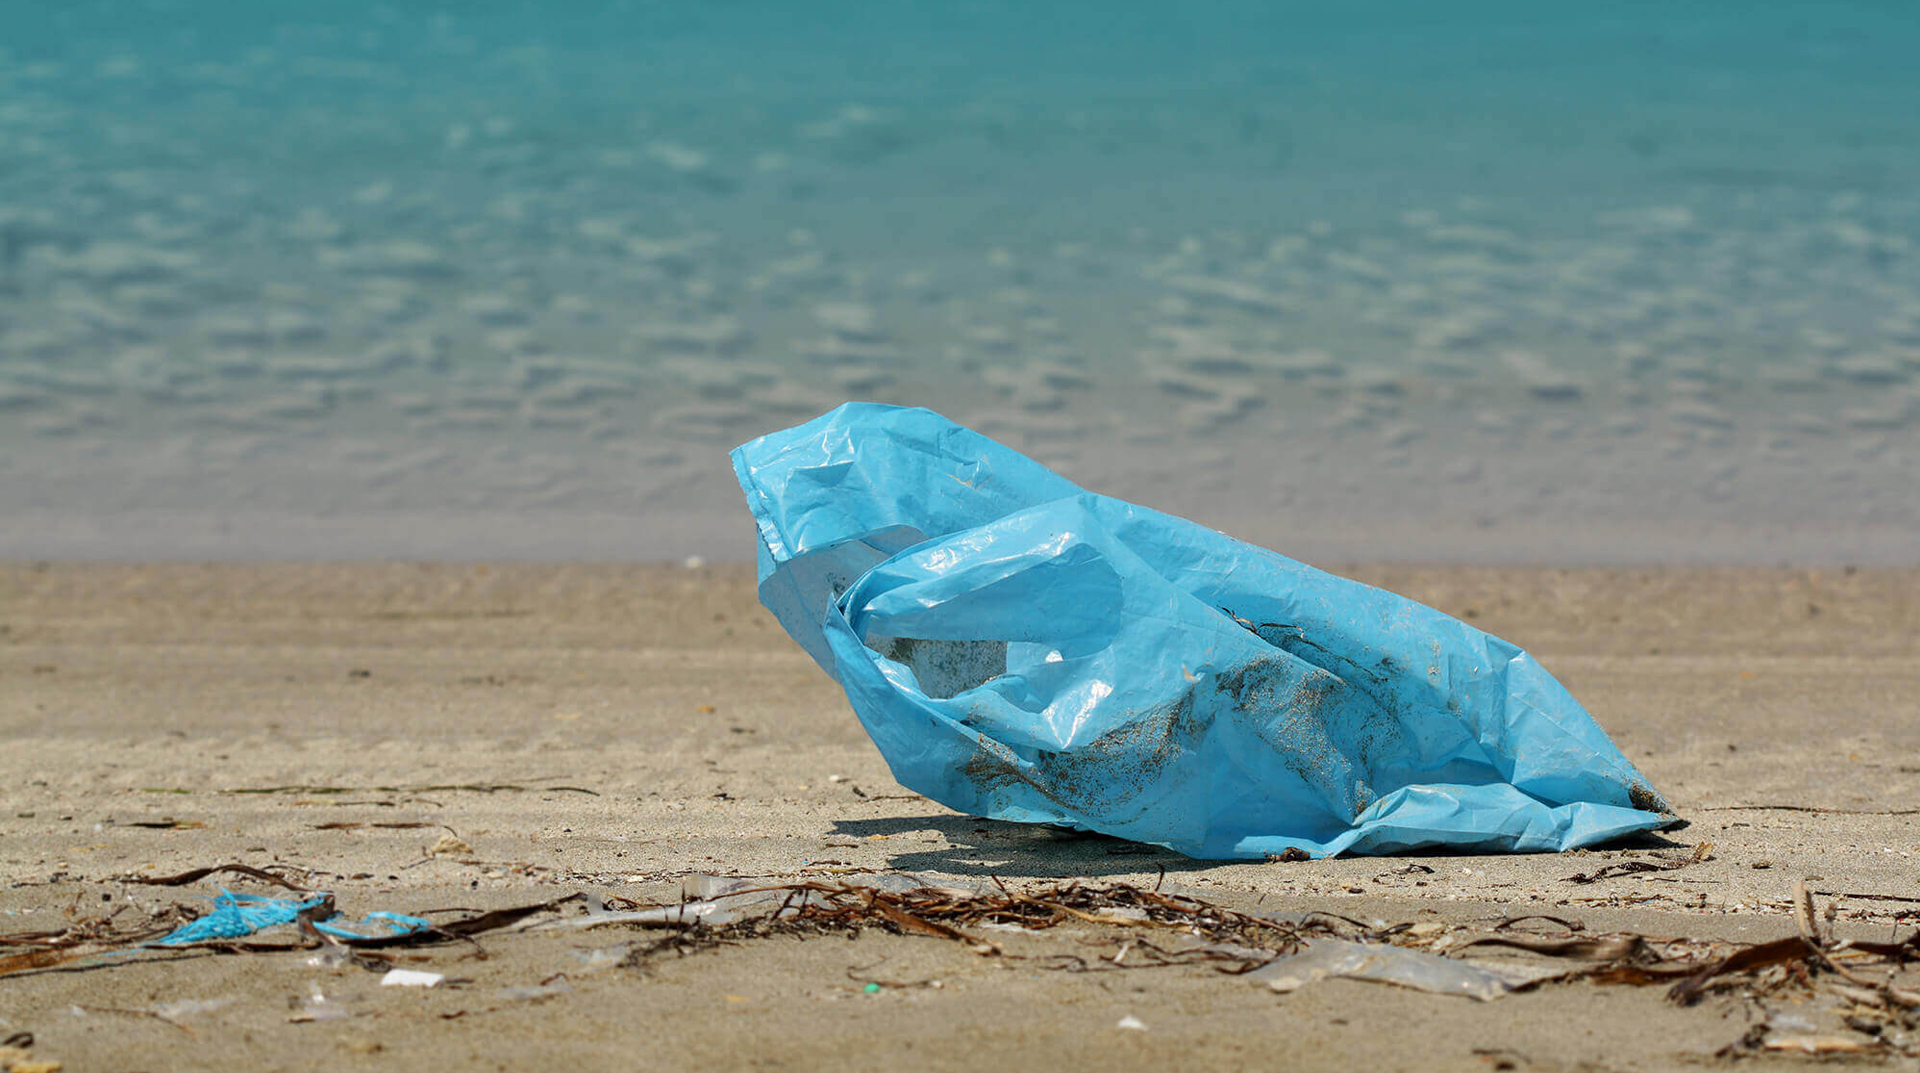 Tekirdağ'ın tatil beldesinde 4 günlük bayram tatili sonrası 500 ton çöp toplandı